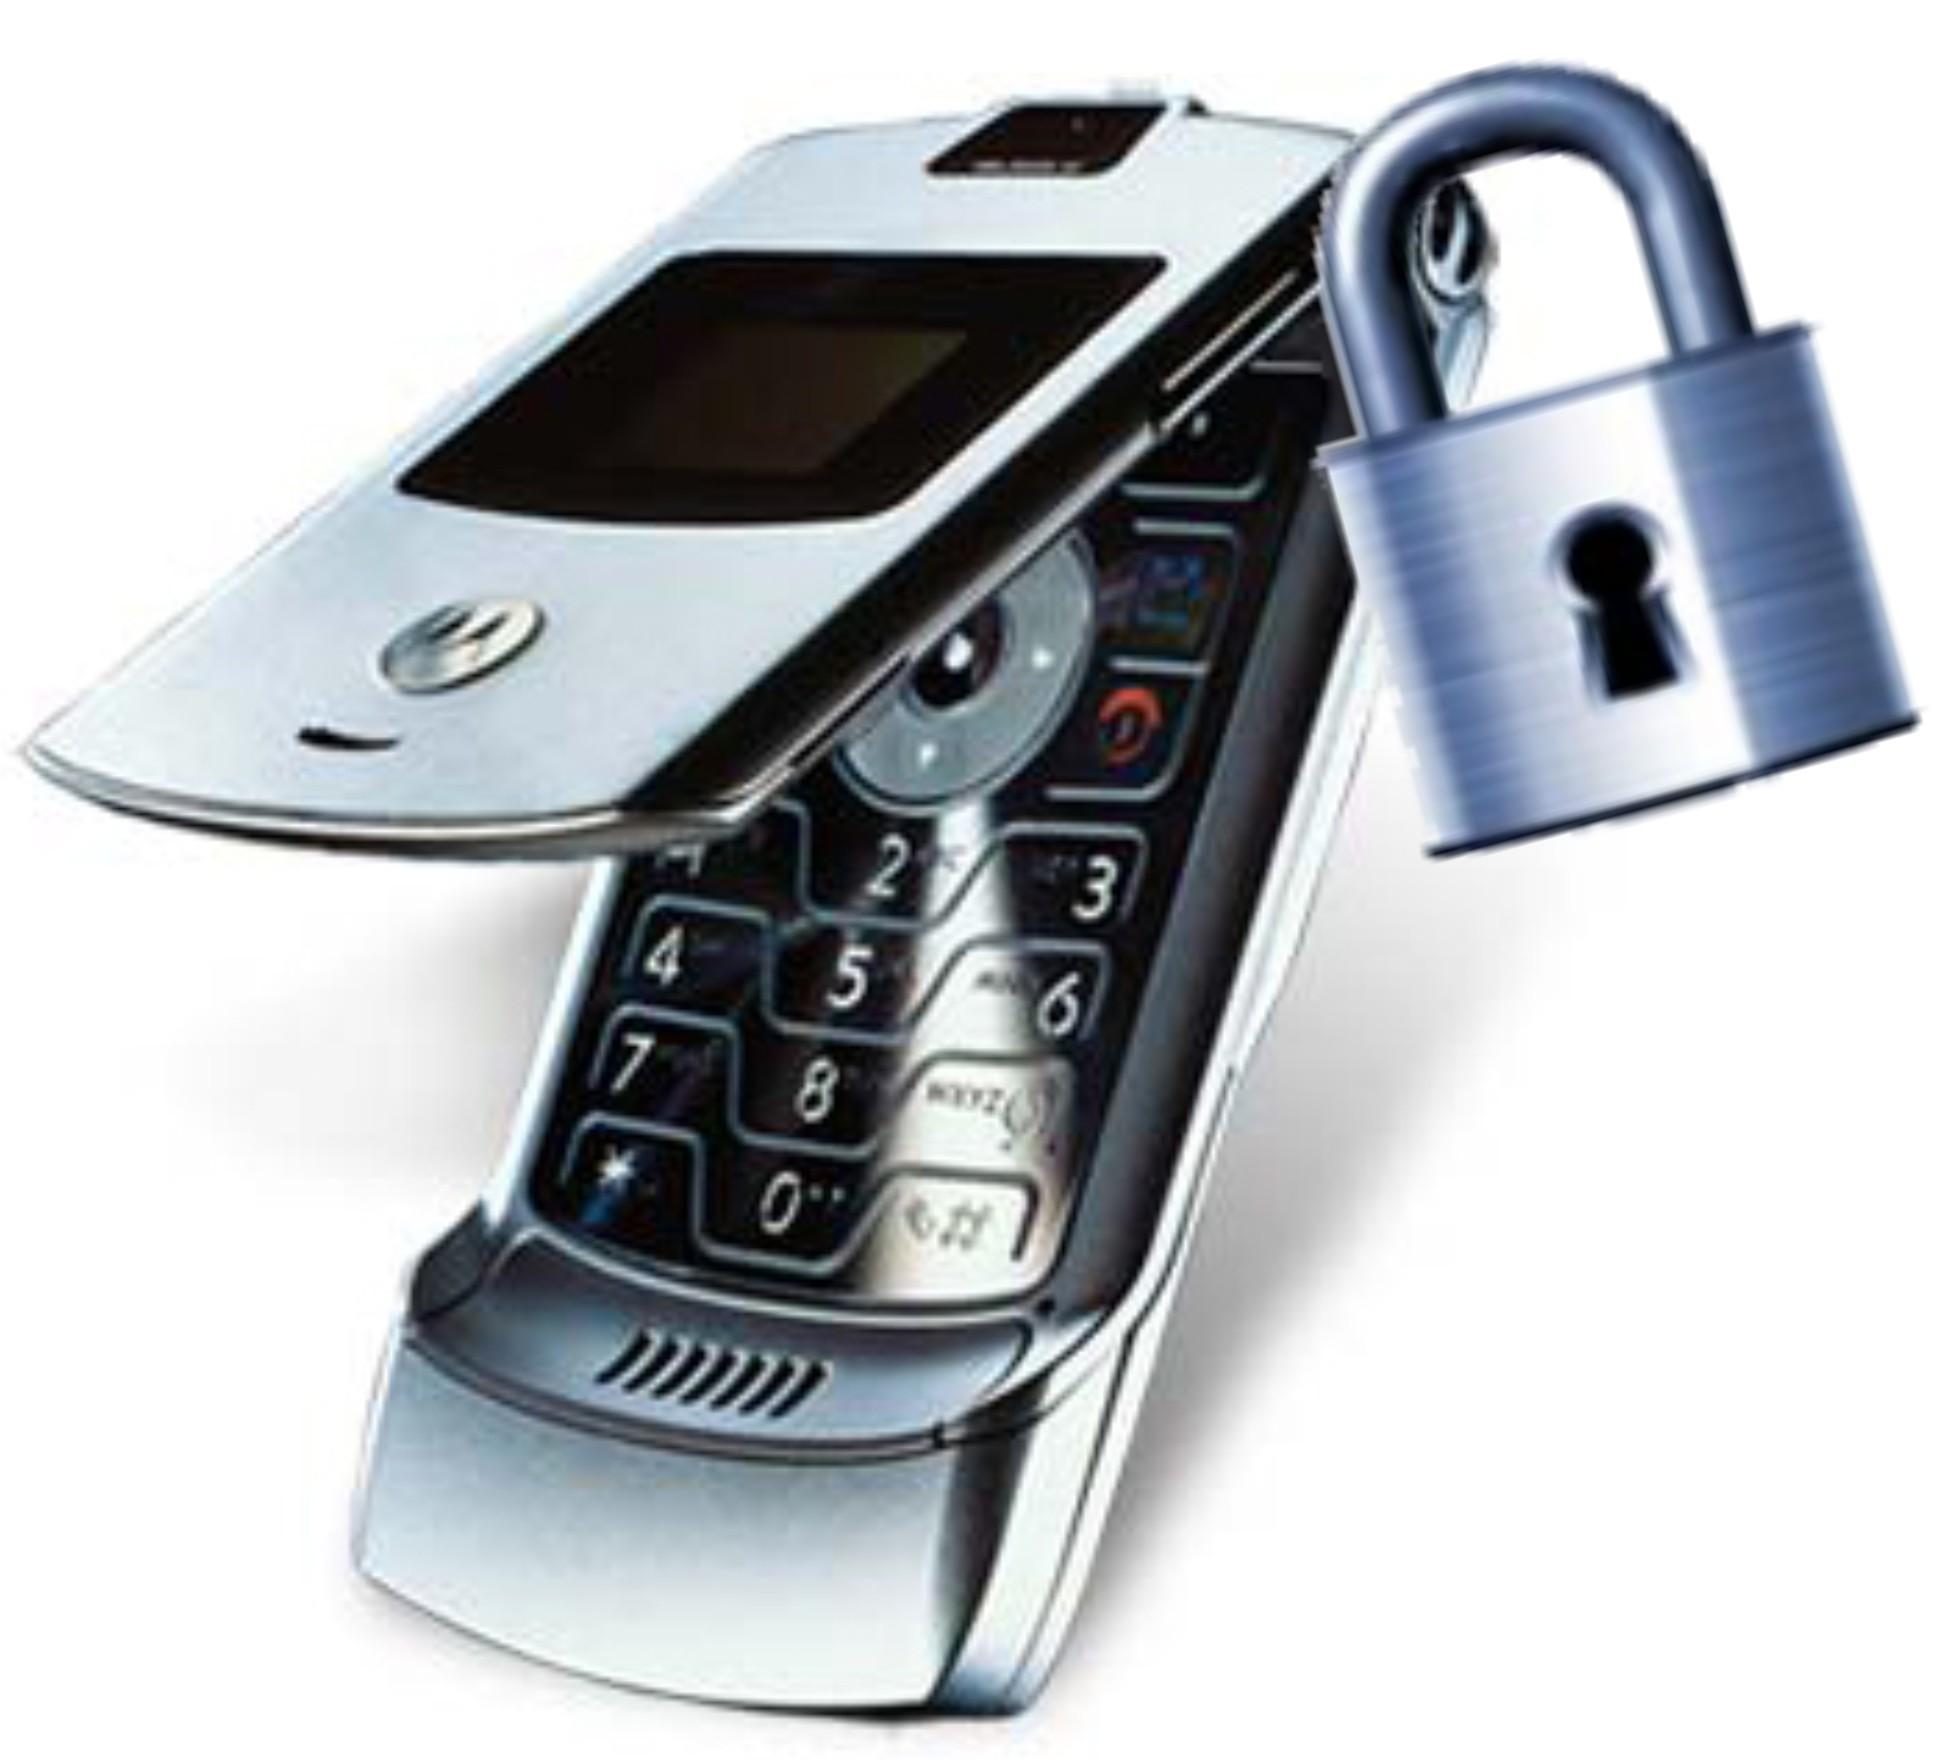 Operadoras não podem vender celular bloqueado